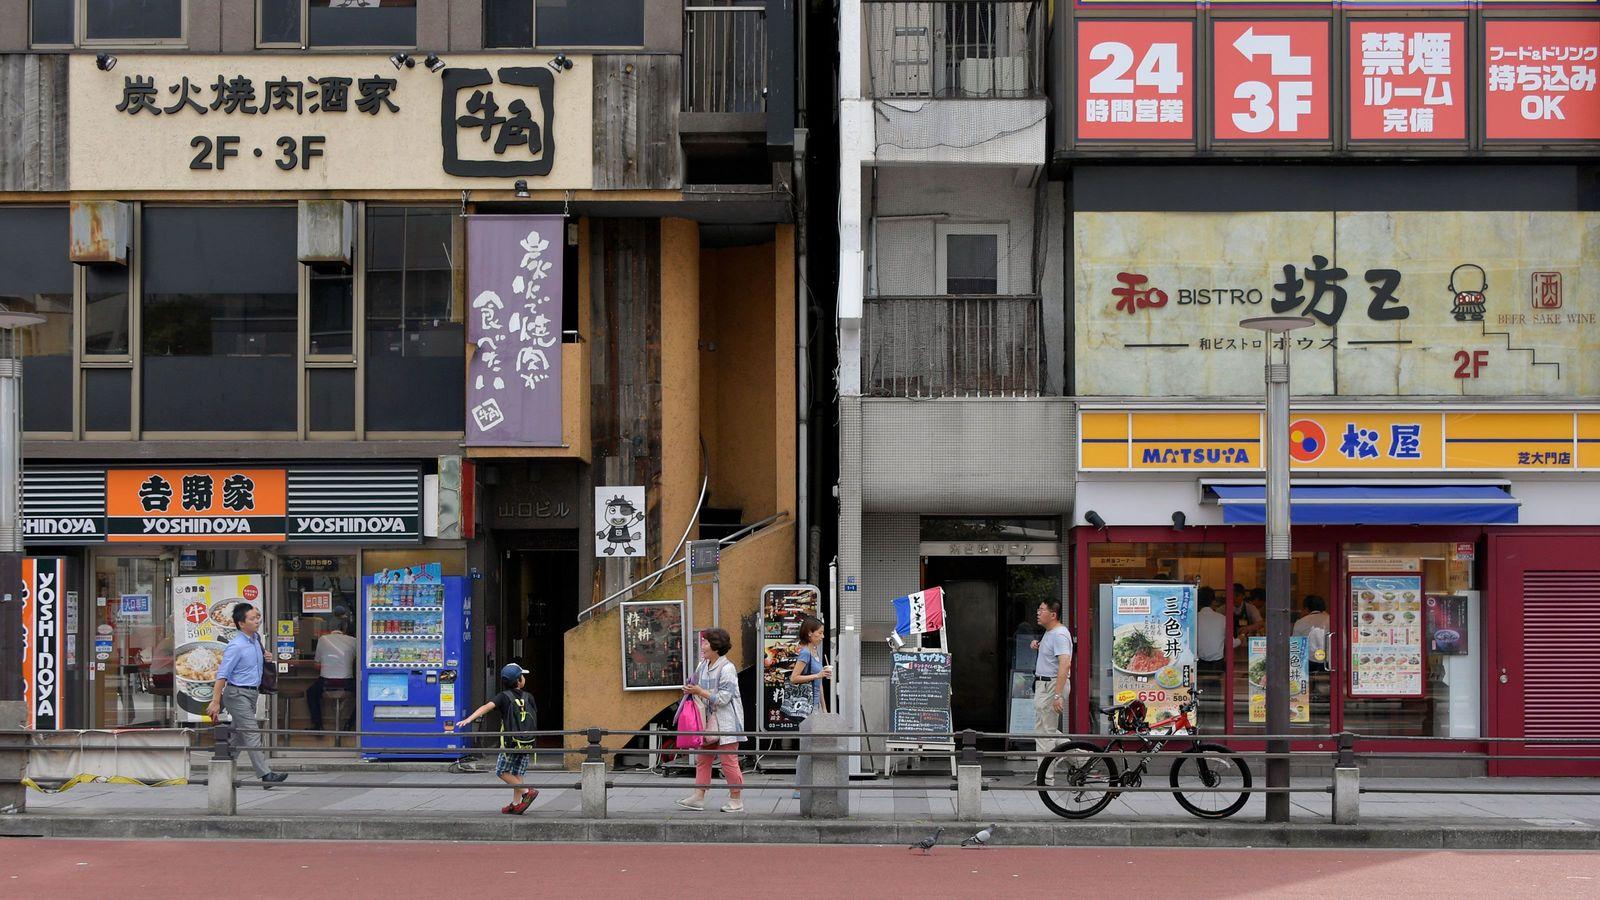 日本の外食チェーンは、なぜこんなに安くて美味いのか オランダ人が食べてコスパに驚いた